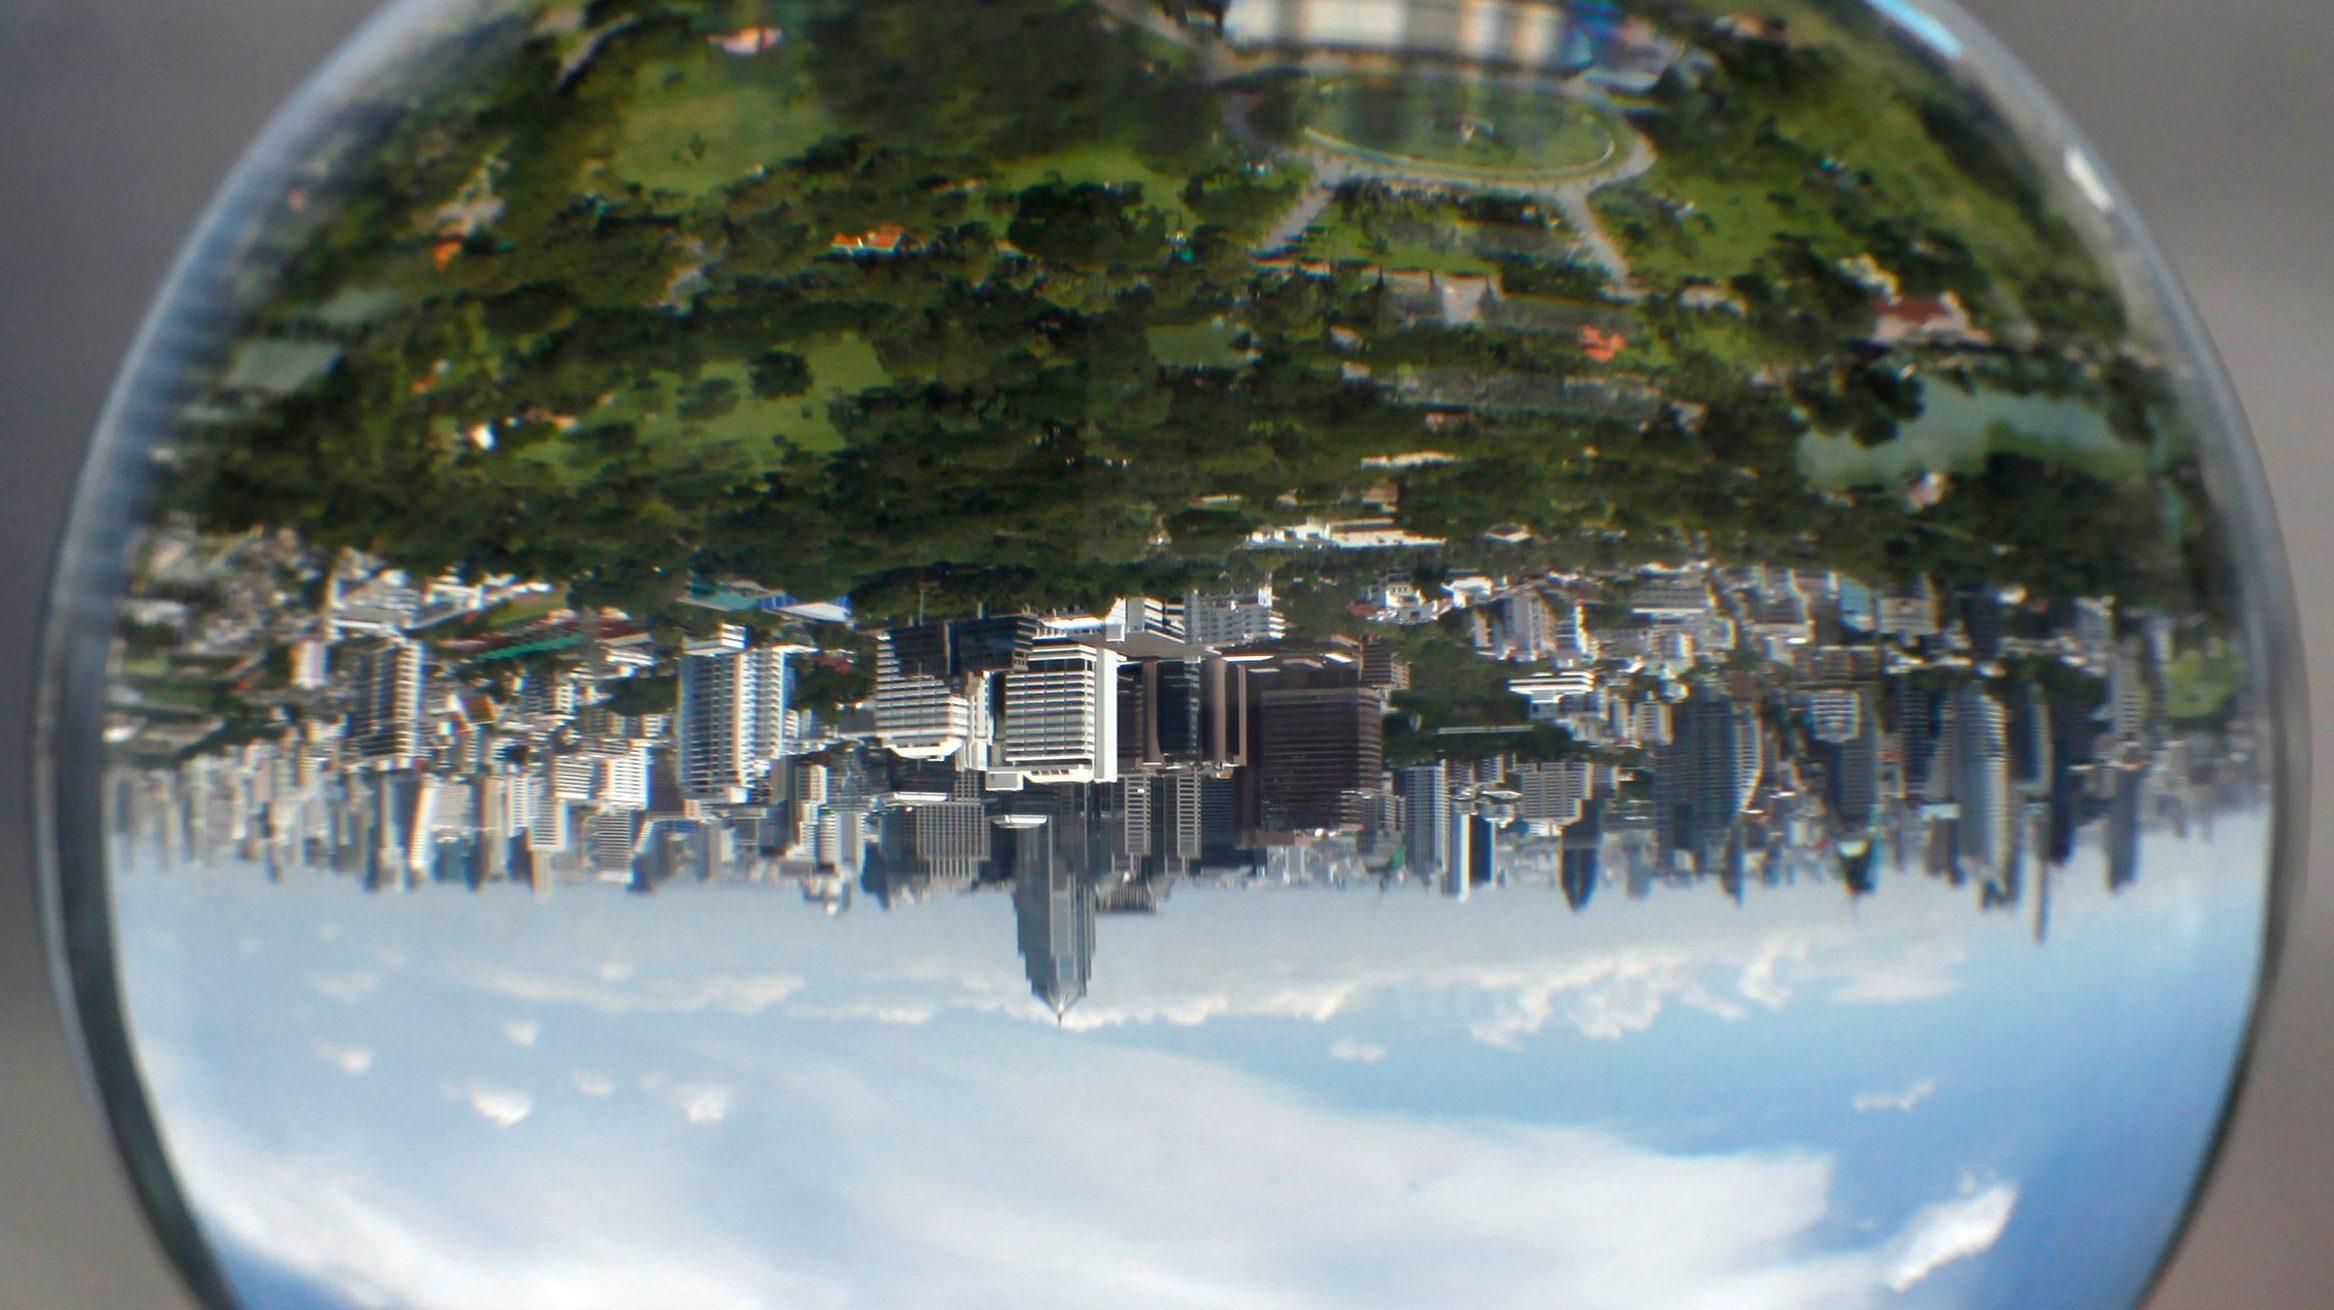 Upside down cityscape